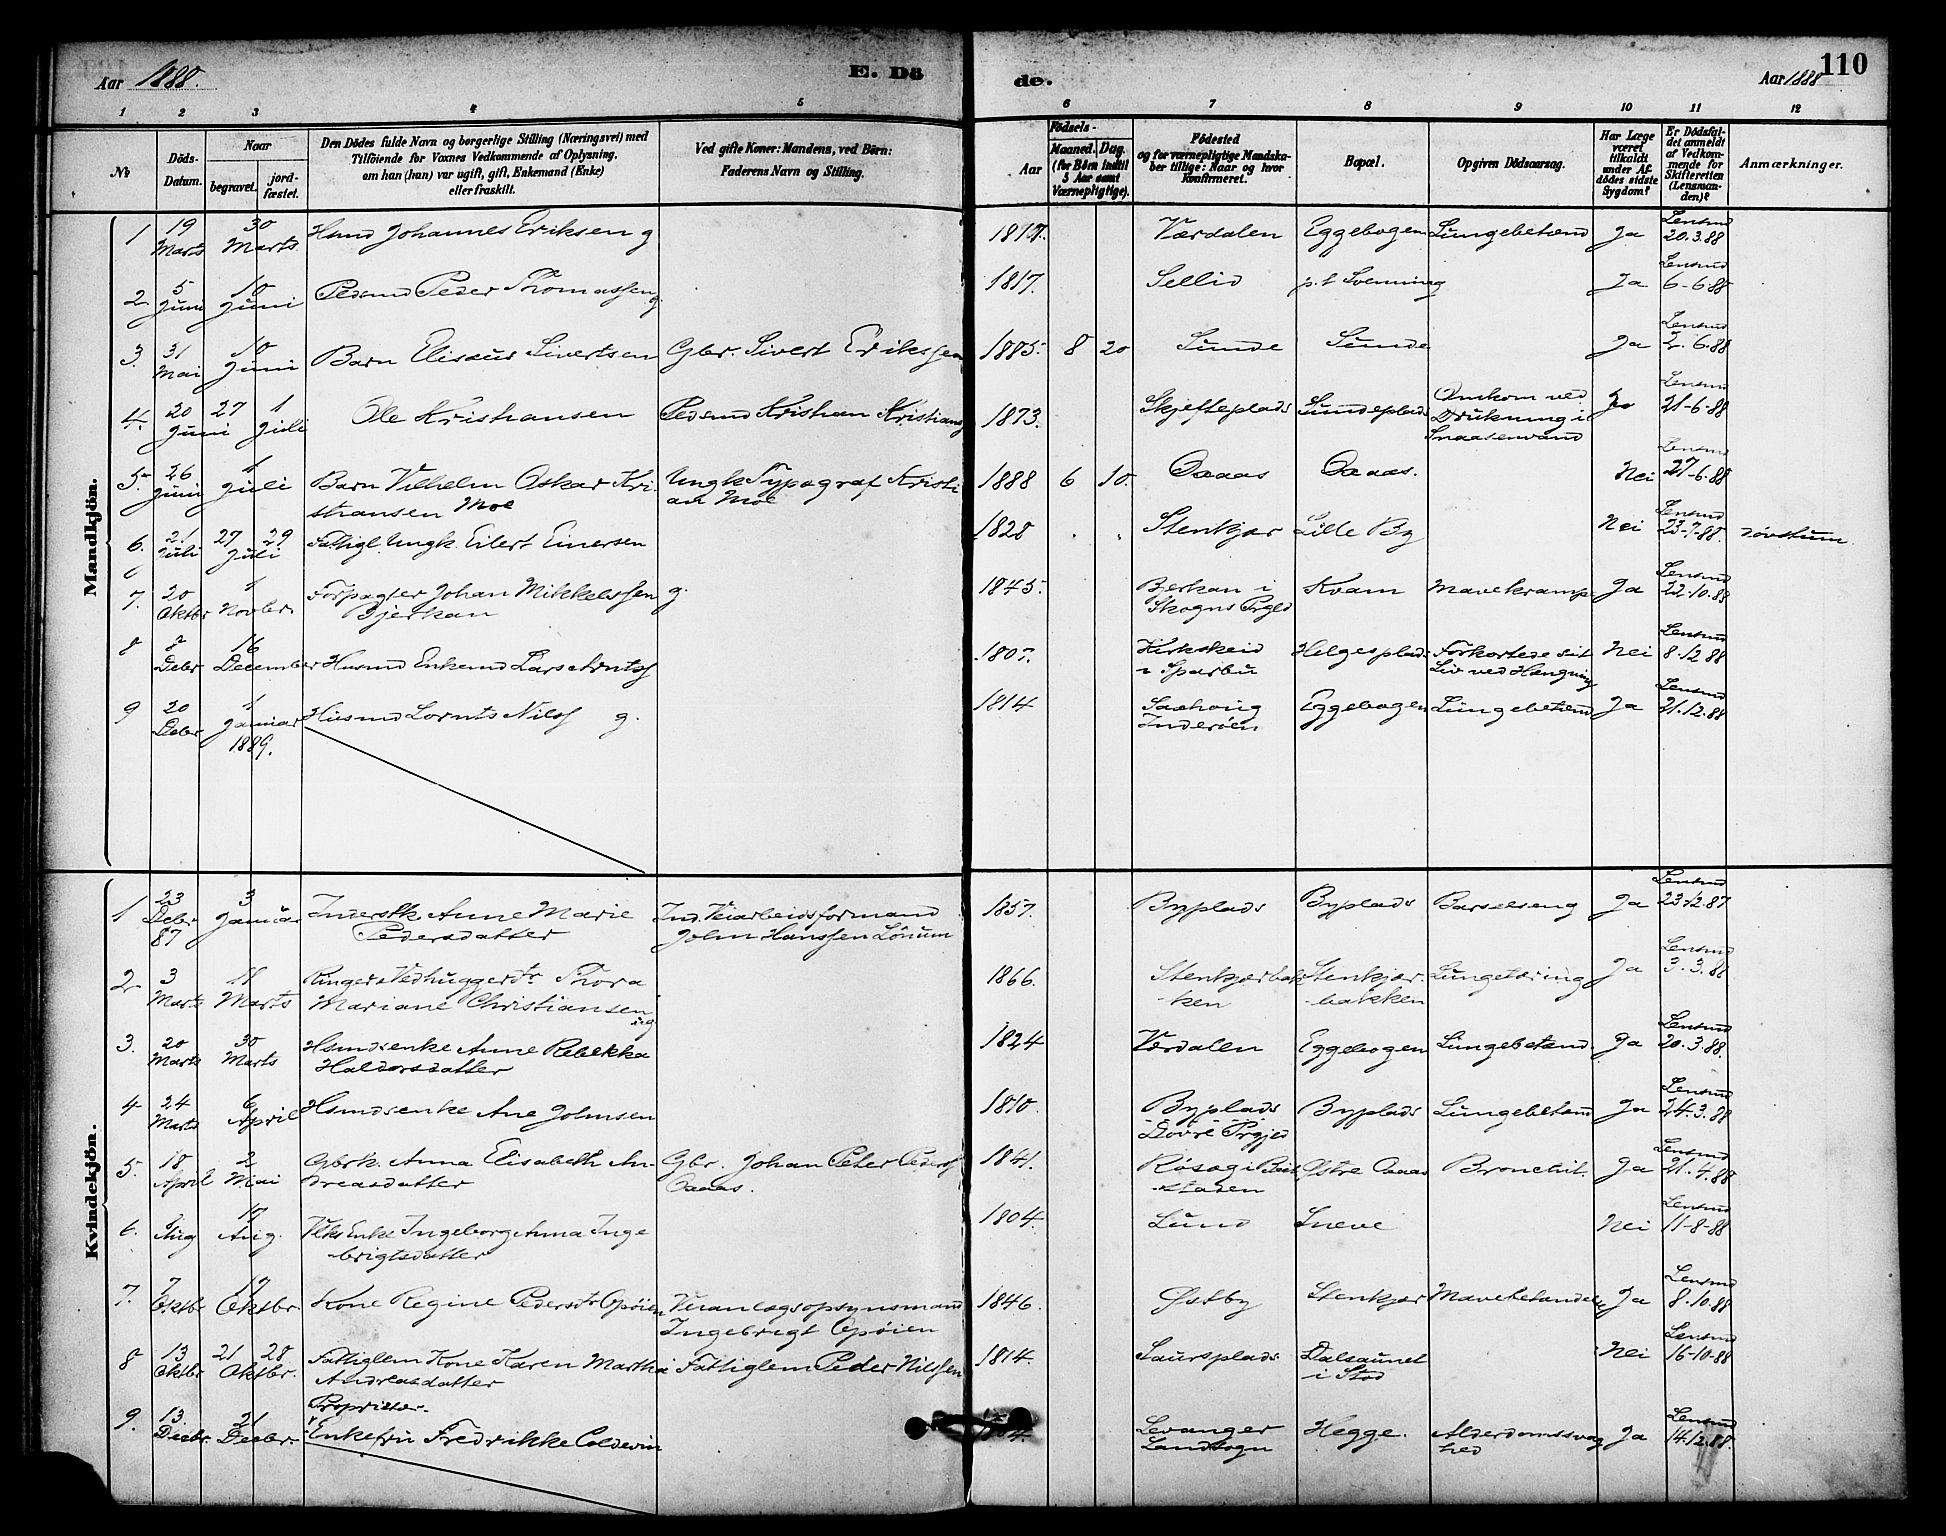 SAT, Ministerialprotokoller, klokkerbøker og fødselsregistre - Nord-Trøndelag, 740/L0378: Ministerialbok nr. 740A01, 1881-1895, s. 110